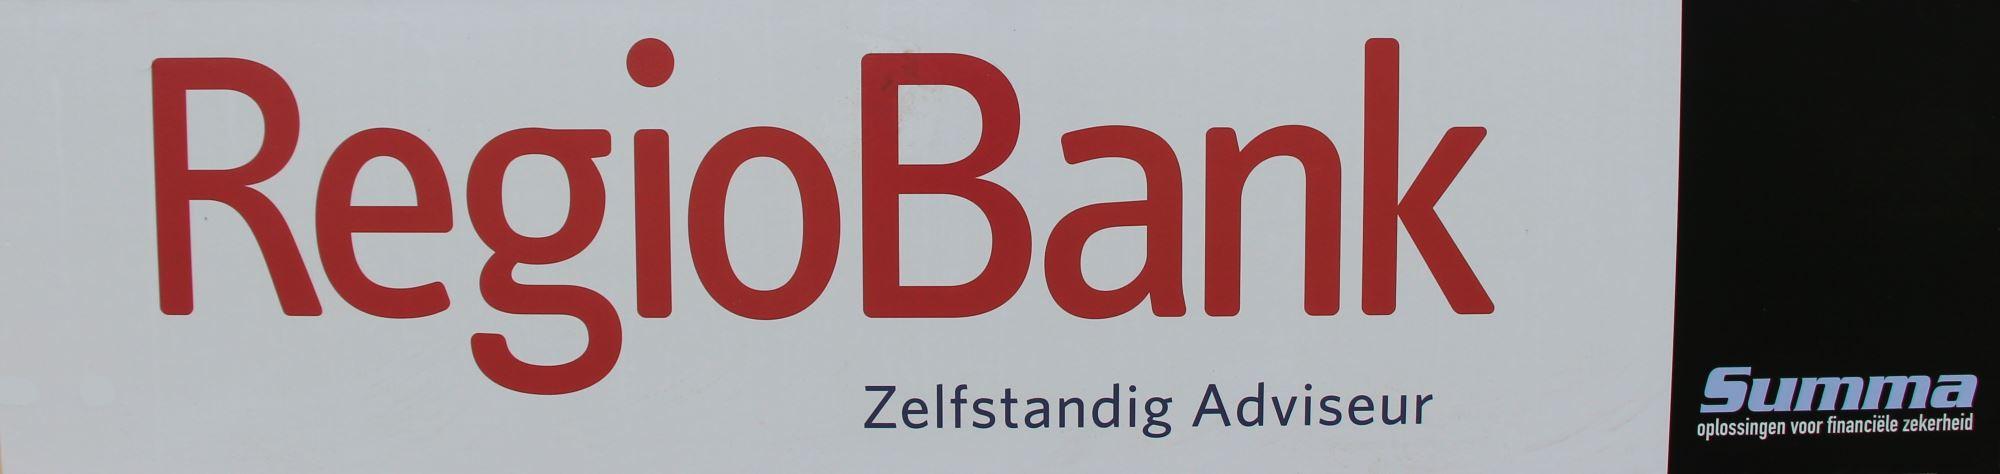 bord_RegioBank